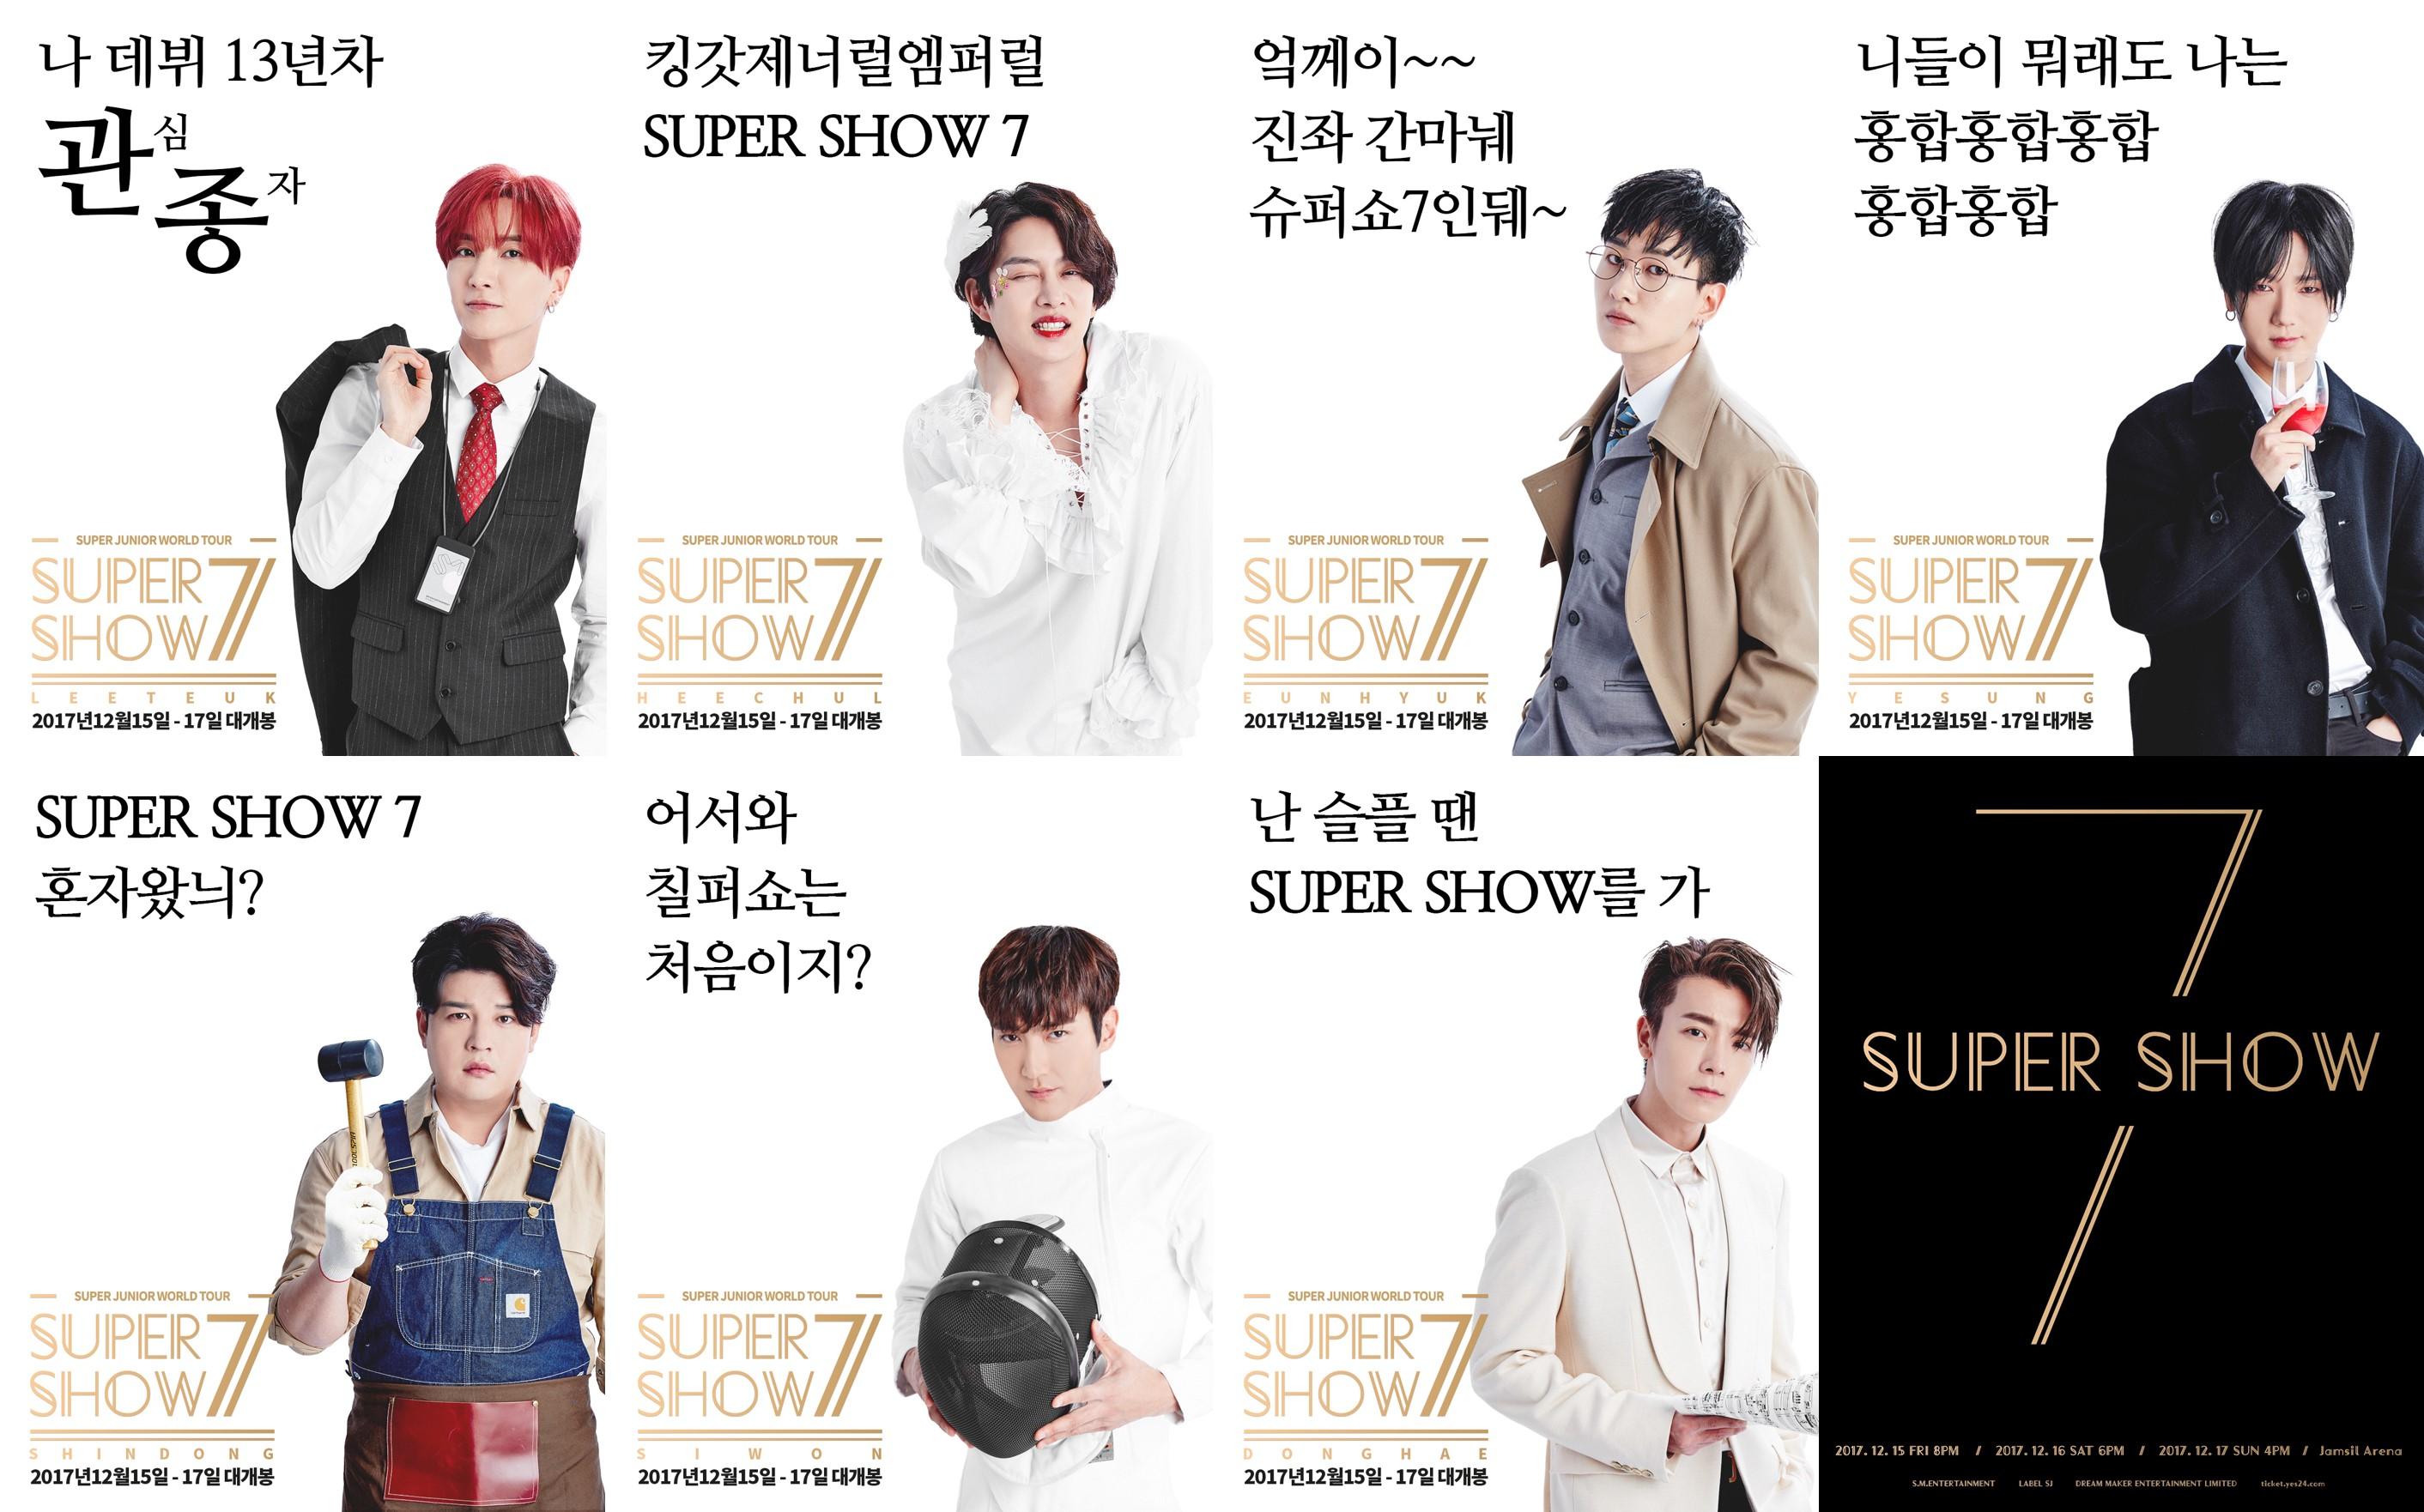 """亚洲传奇Super Junior,""""SUPER SHOW7""""个人海报公开"""